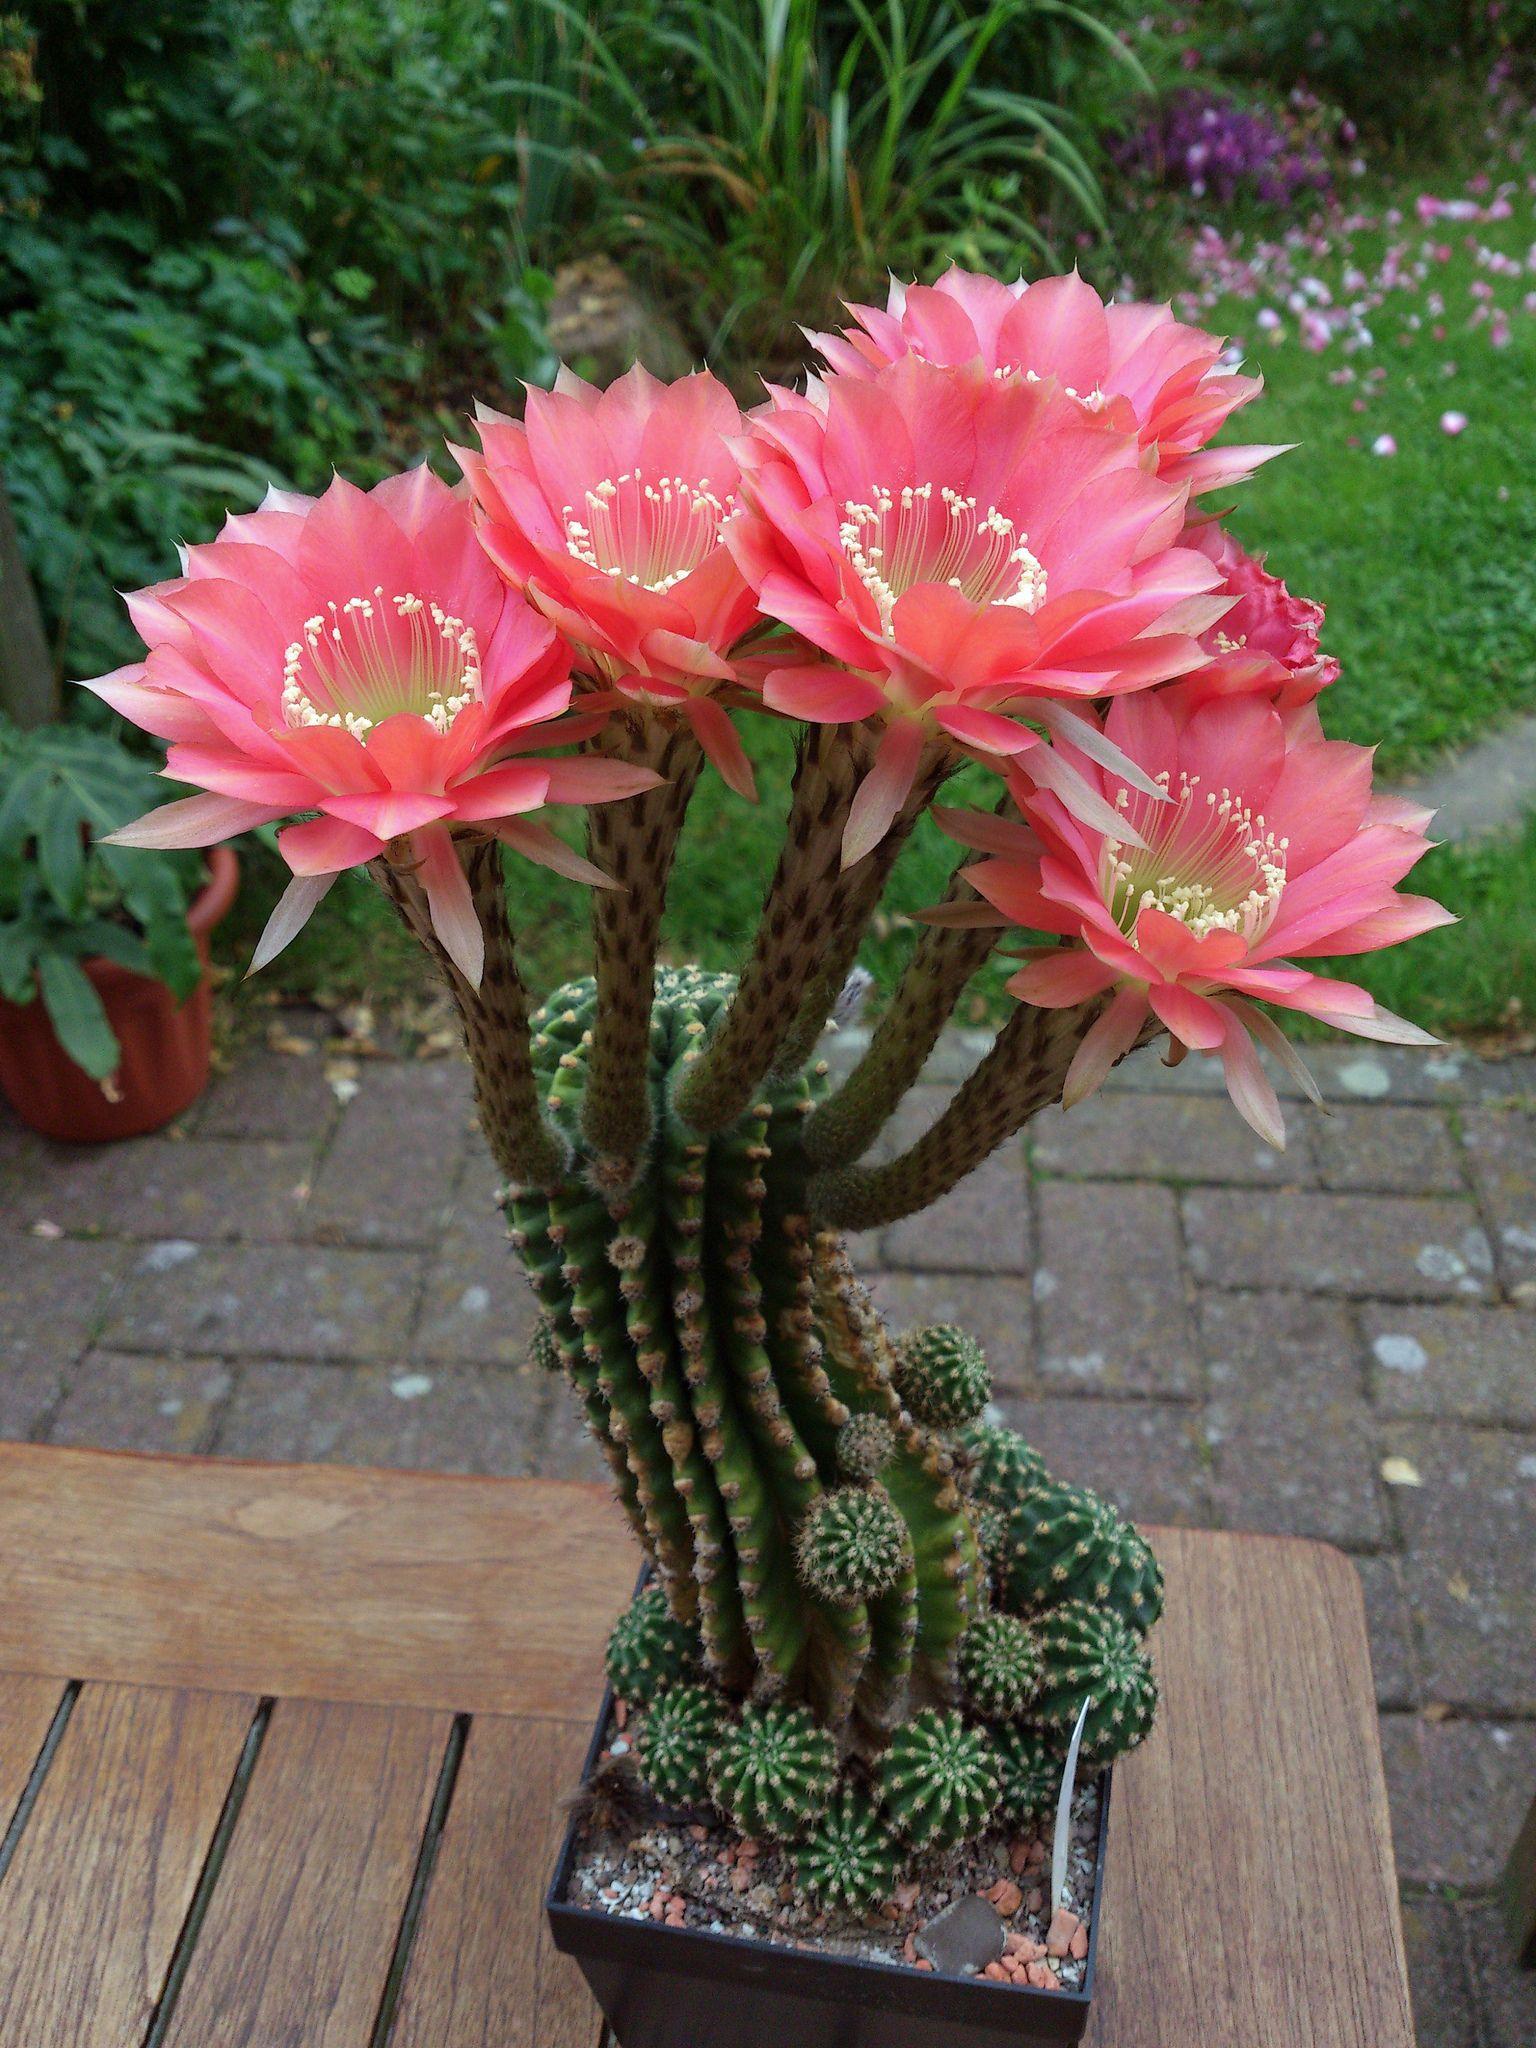 Dsc2330 Container Gardening Pinterest Cactus Flower Cactus